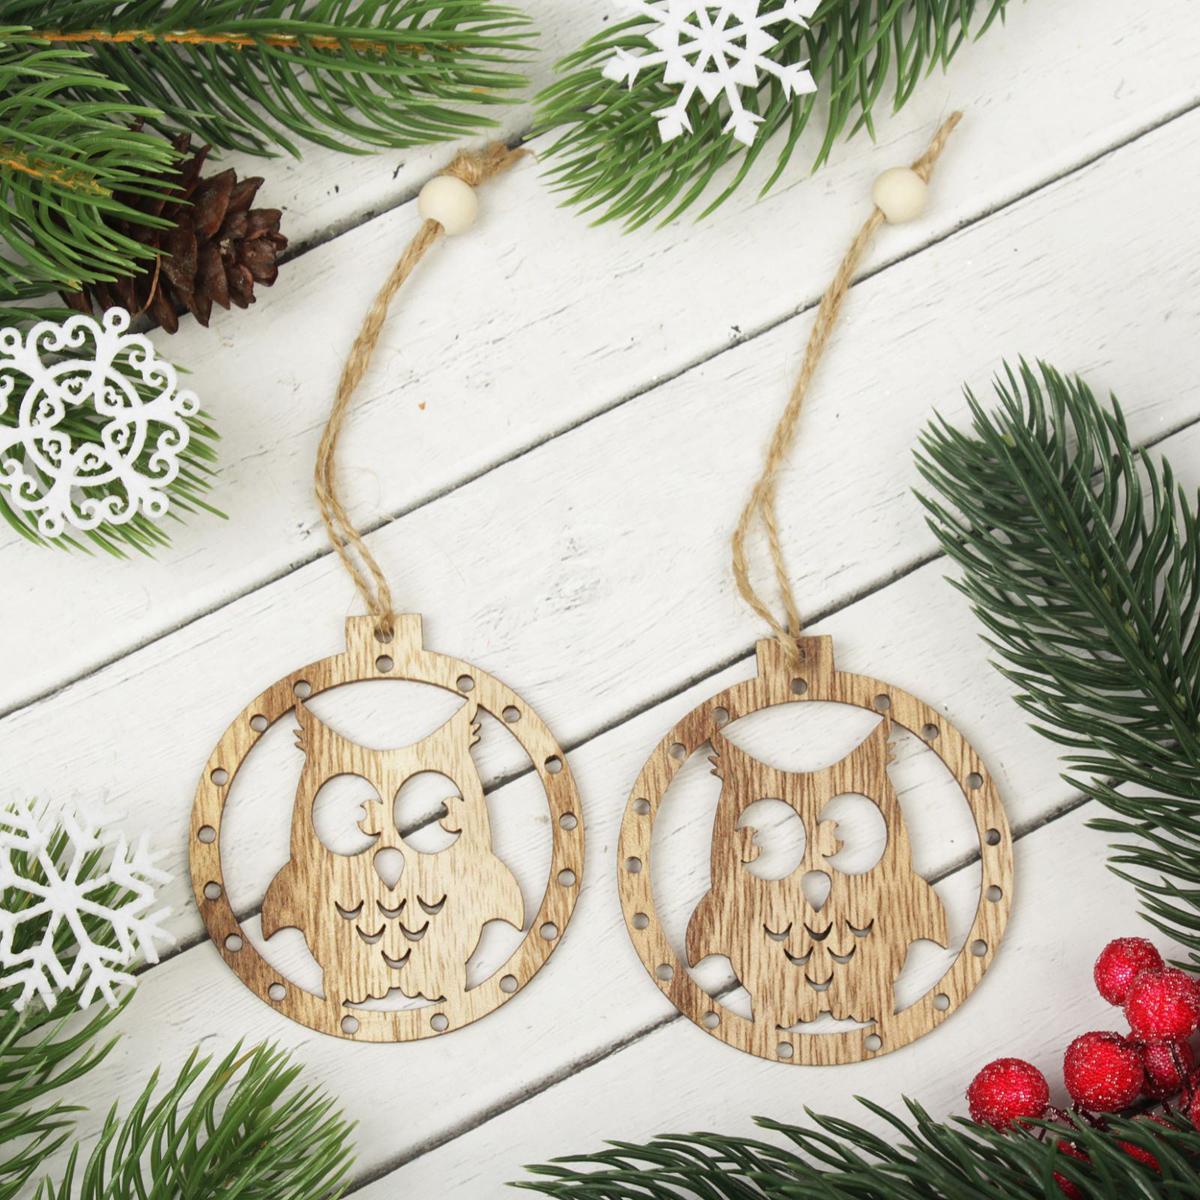 Украшение новогоднее подвесное Зимняя совушка, 2 шт2303275Набор новогодних подвесных украшений, выполненных из дерева, отлично подойдет для декорации вашего дома и новогодней ели. С помощью специальной петельки украшение можно повесить в любом понравившемся вам месте. Но, конечно, удачнее всего оно будет смотреться на праздничной елке.Елочная игрушка - символ Нового года. Она несет в себе волшебство и красоту праздника. Такое украшение создаст в вашем доме атмосферу праздника, веселья и радости. В комплекте 2 украшения.